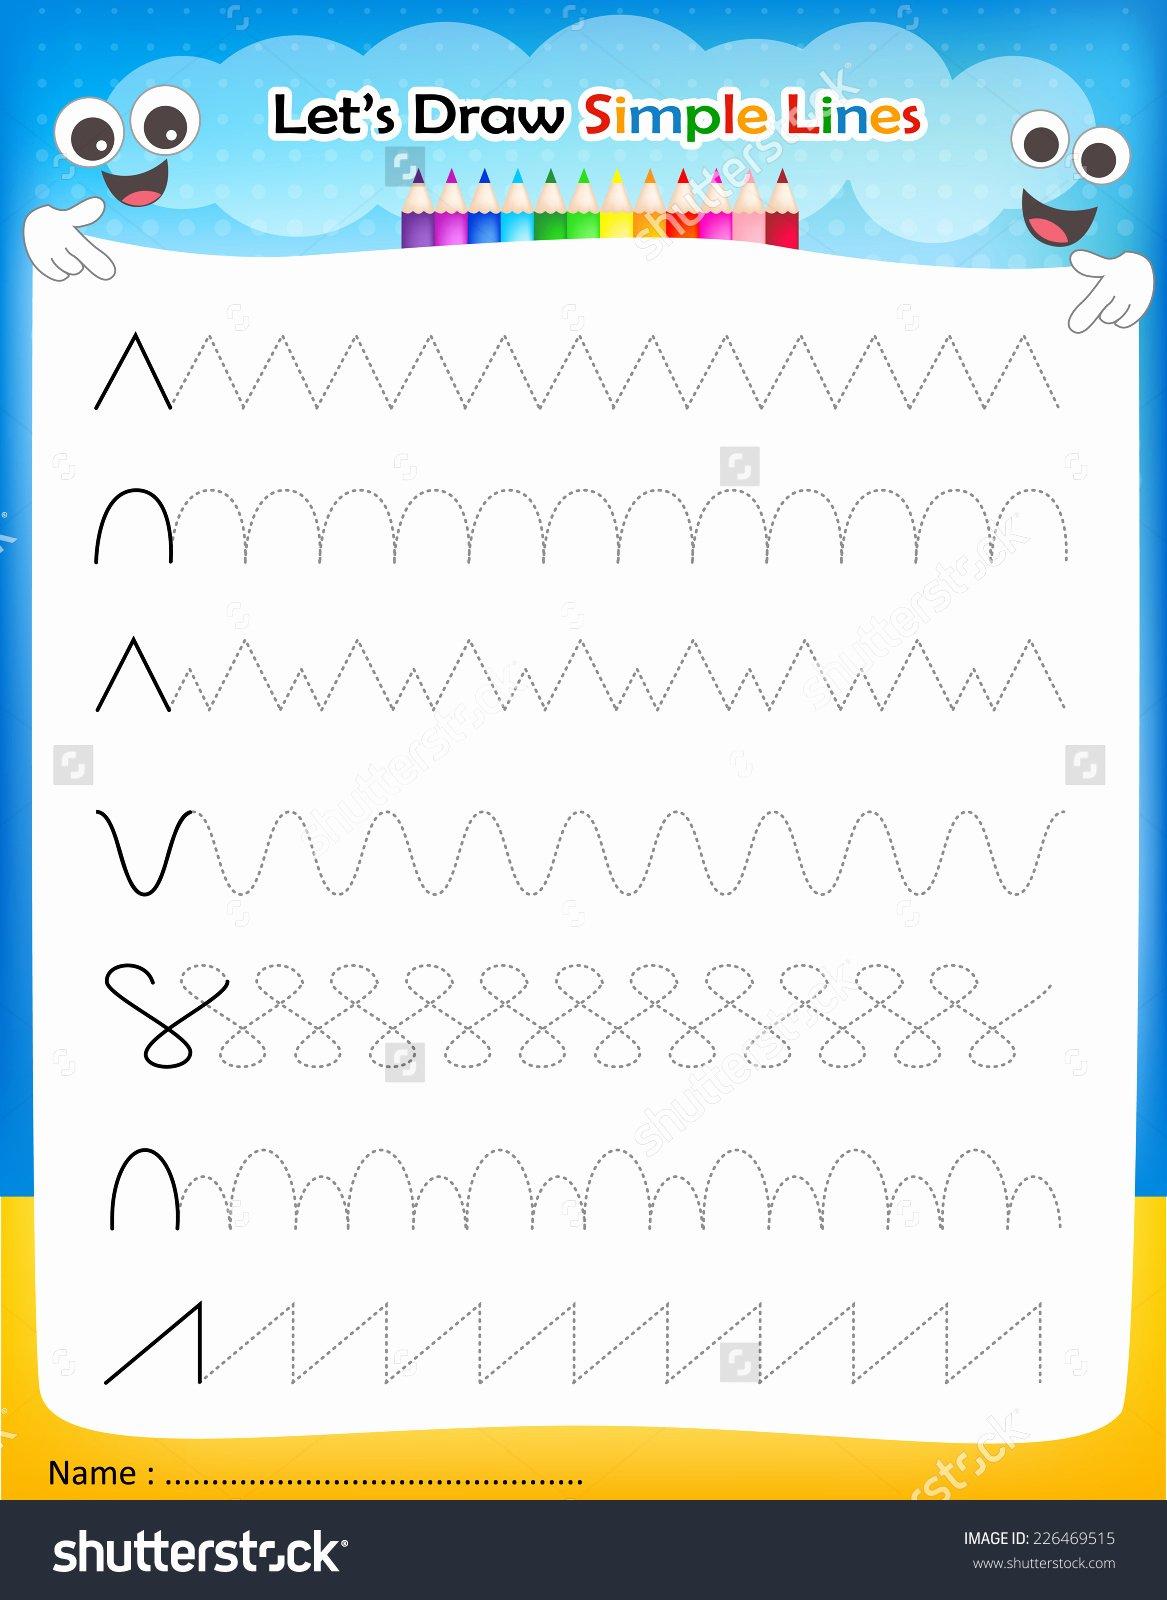 Printable Worksheets for Preschoolers Numbers Awesome Math Worksheet Math Worksheet Sight Word Writingtice